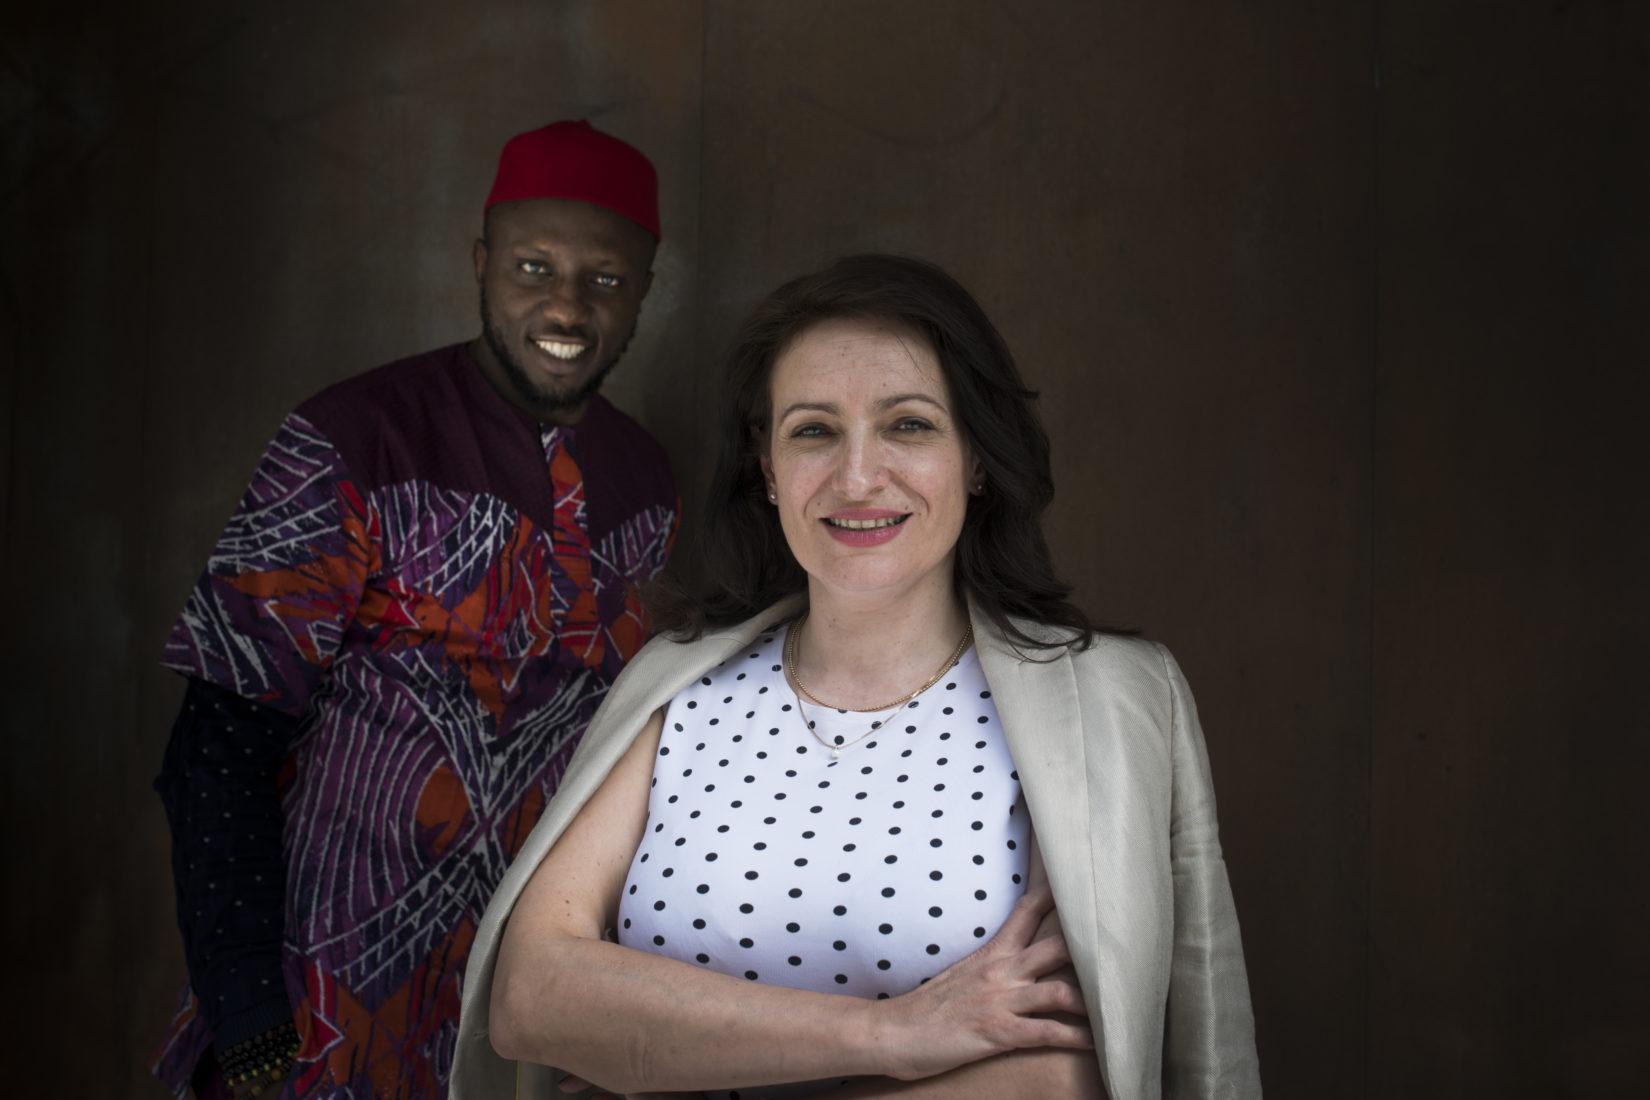 Aleksandra Nakeva Ruzin, Nordmakedonien, och Chukwuemeka Fred Agbata, Nigeria, är två av de experter som besöker Sverige för att lära sig mer om det svenska innovationsekosystemet.